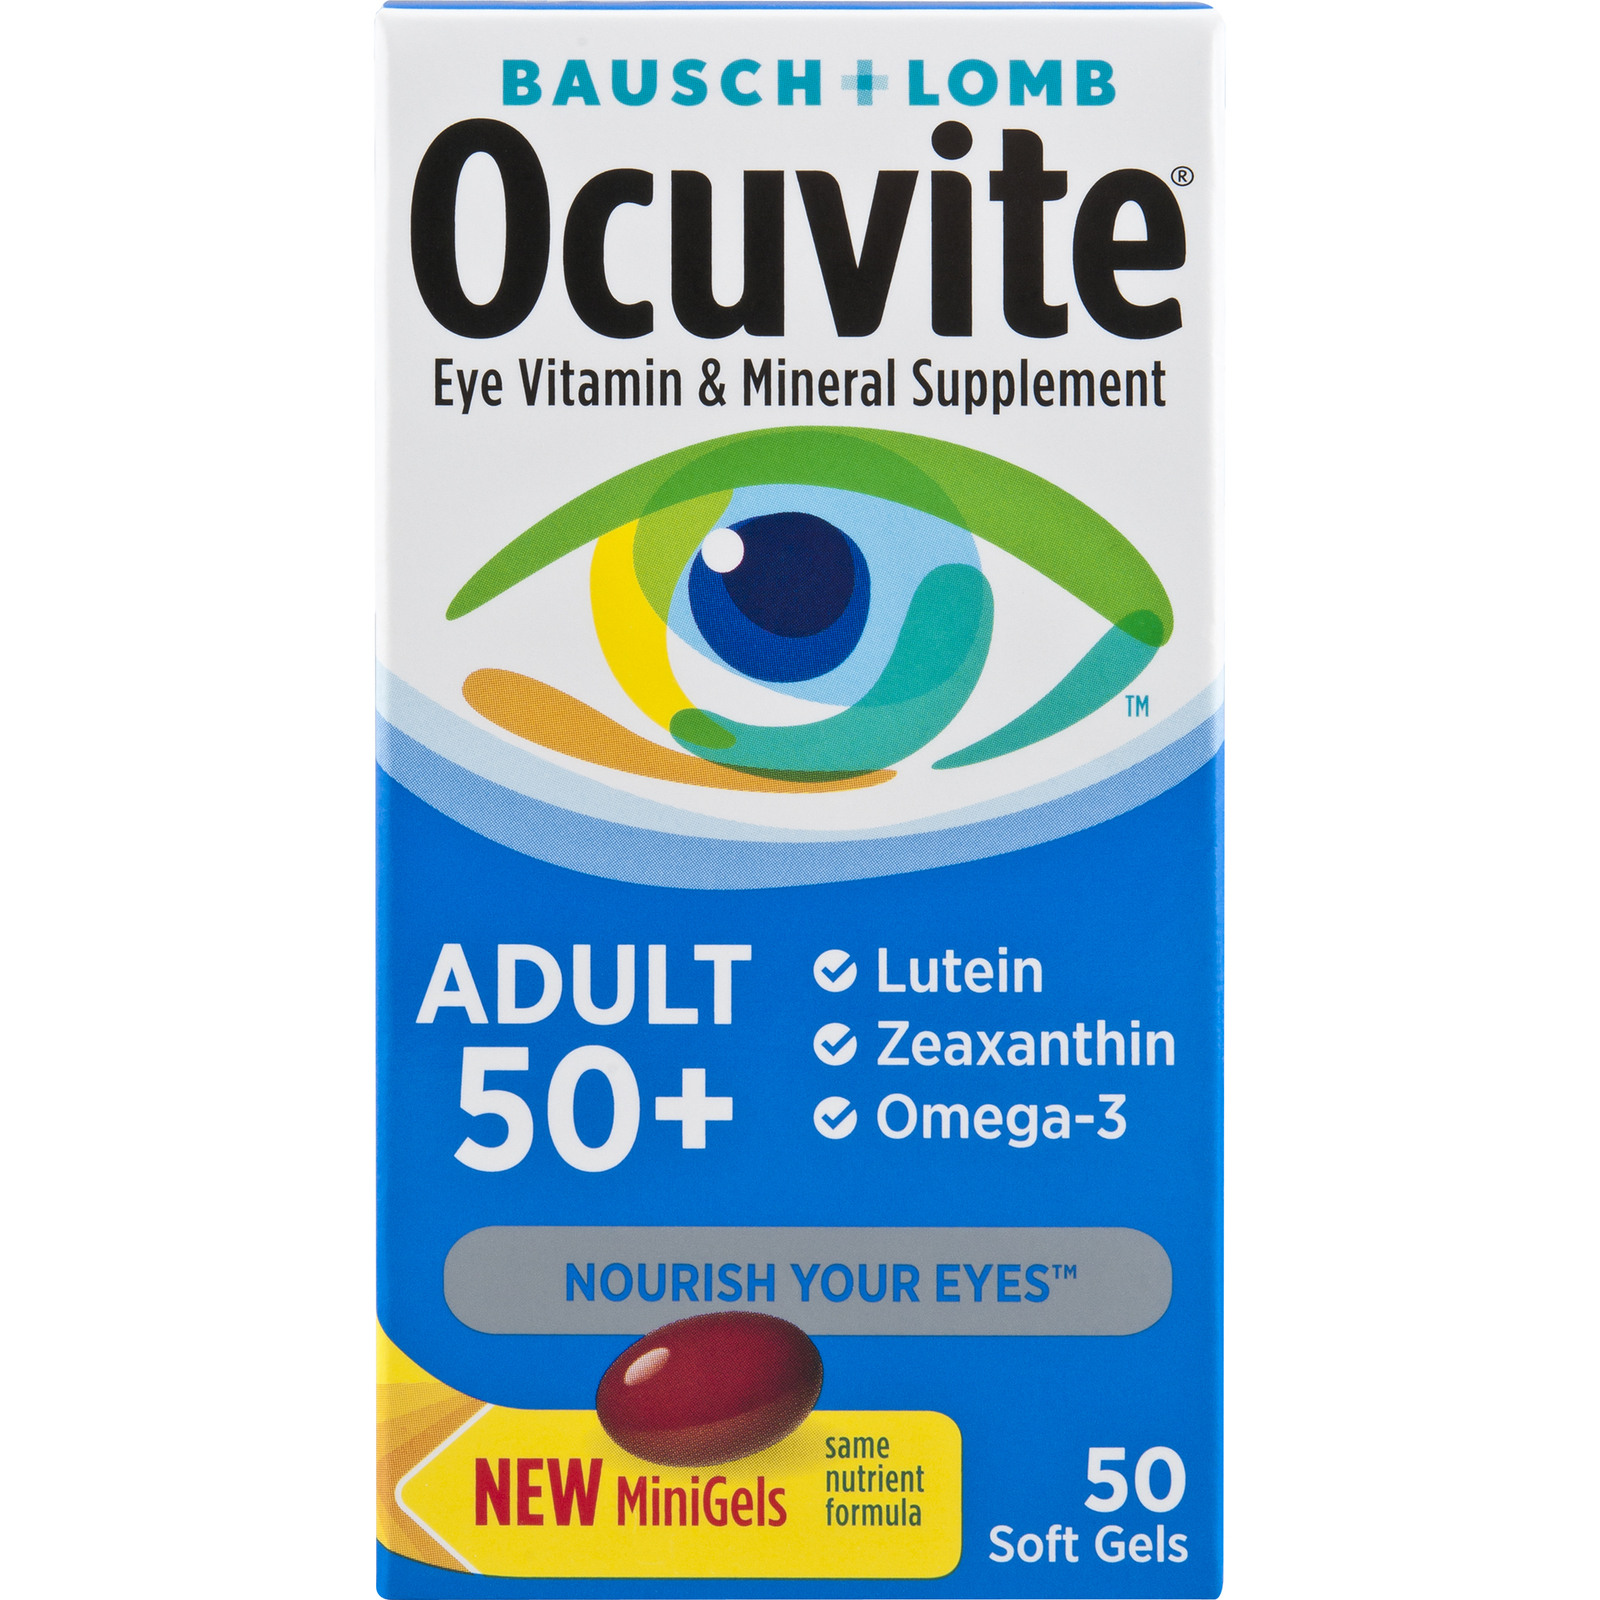 Ocuvite Eye Vitamin Adult 50+ Formula Eye Health Vitamins, 50 Softgels - $14.99